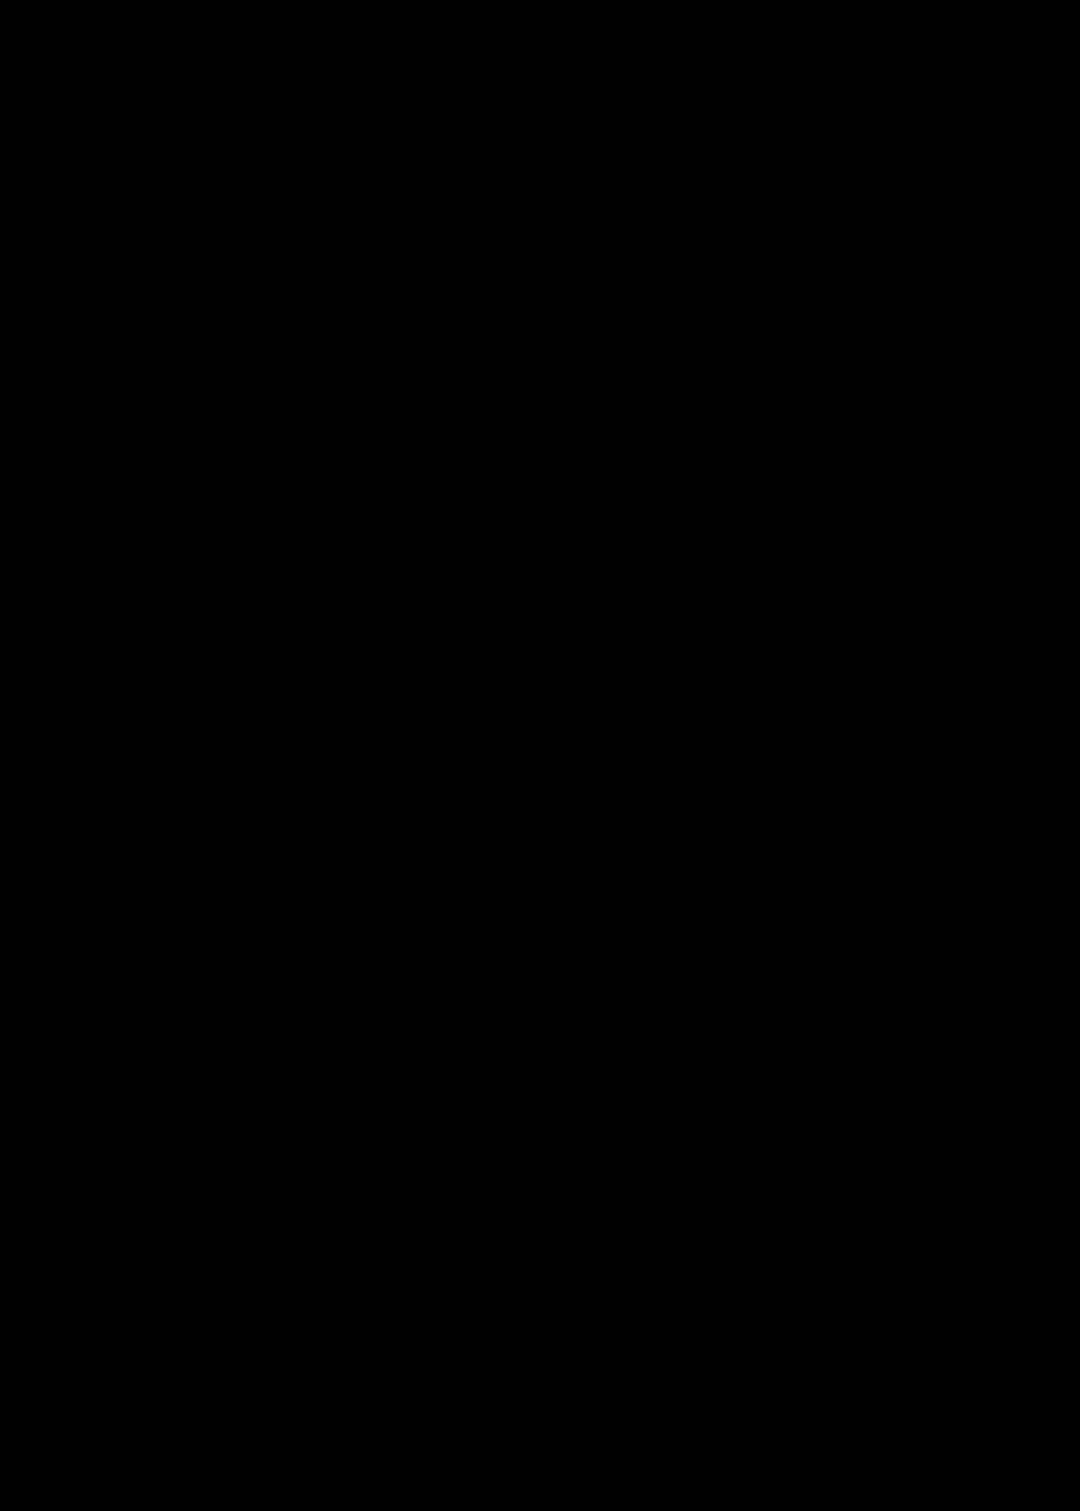 【エロ同人誌】教会の神父によって奴隷として売られてしまった美女シスター。権力のある変態金持ちイケメンに専属メイドと買われ、エロメイド服で拘束されたままお仕置き手マン調教されて絶頂してしまう【オリジナル】